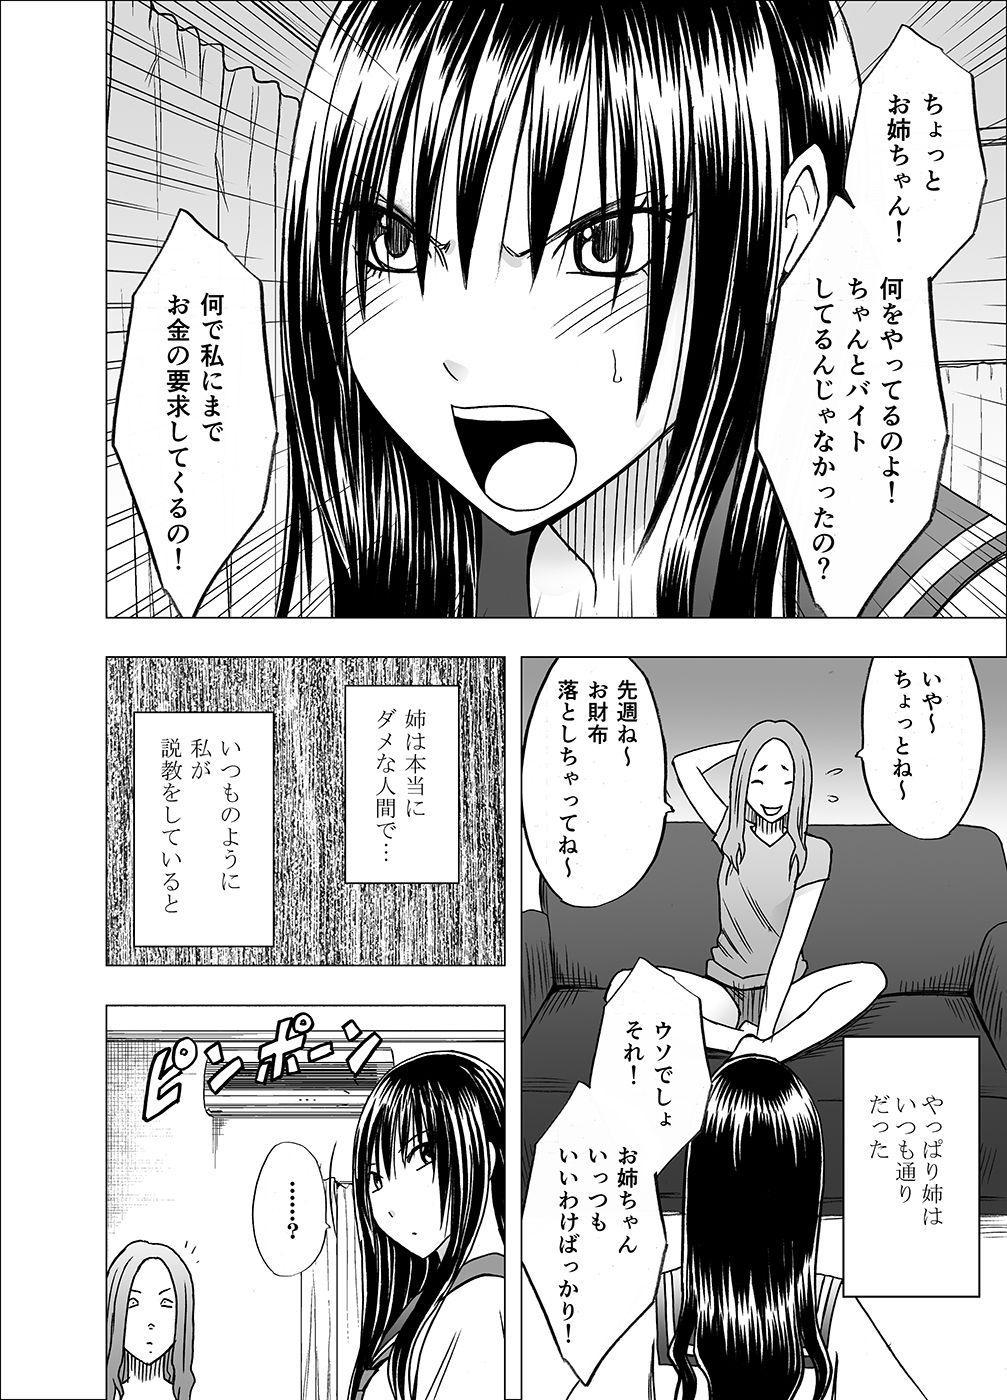 Ane no Kareshi ni Osaetsukerare Muriyari Mune ya Asoko o Sawarare... 3